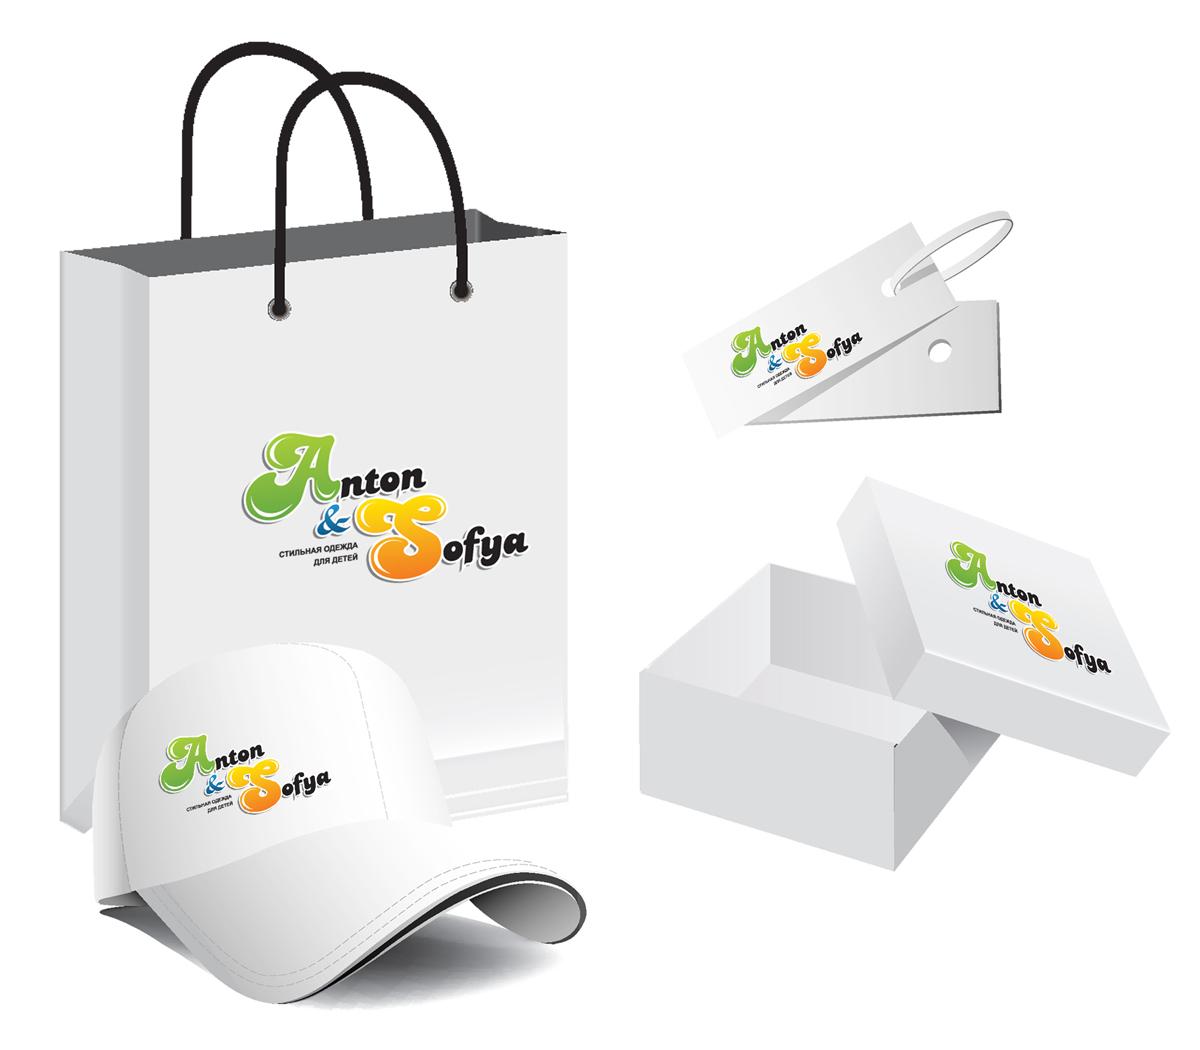 Логотип и вывеска для магазина детской одежды фото f_4c835d9c1b5b3.jpg